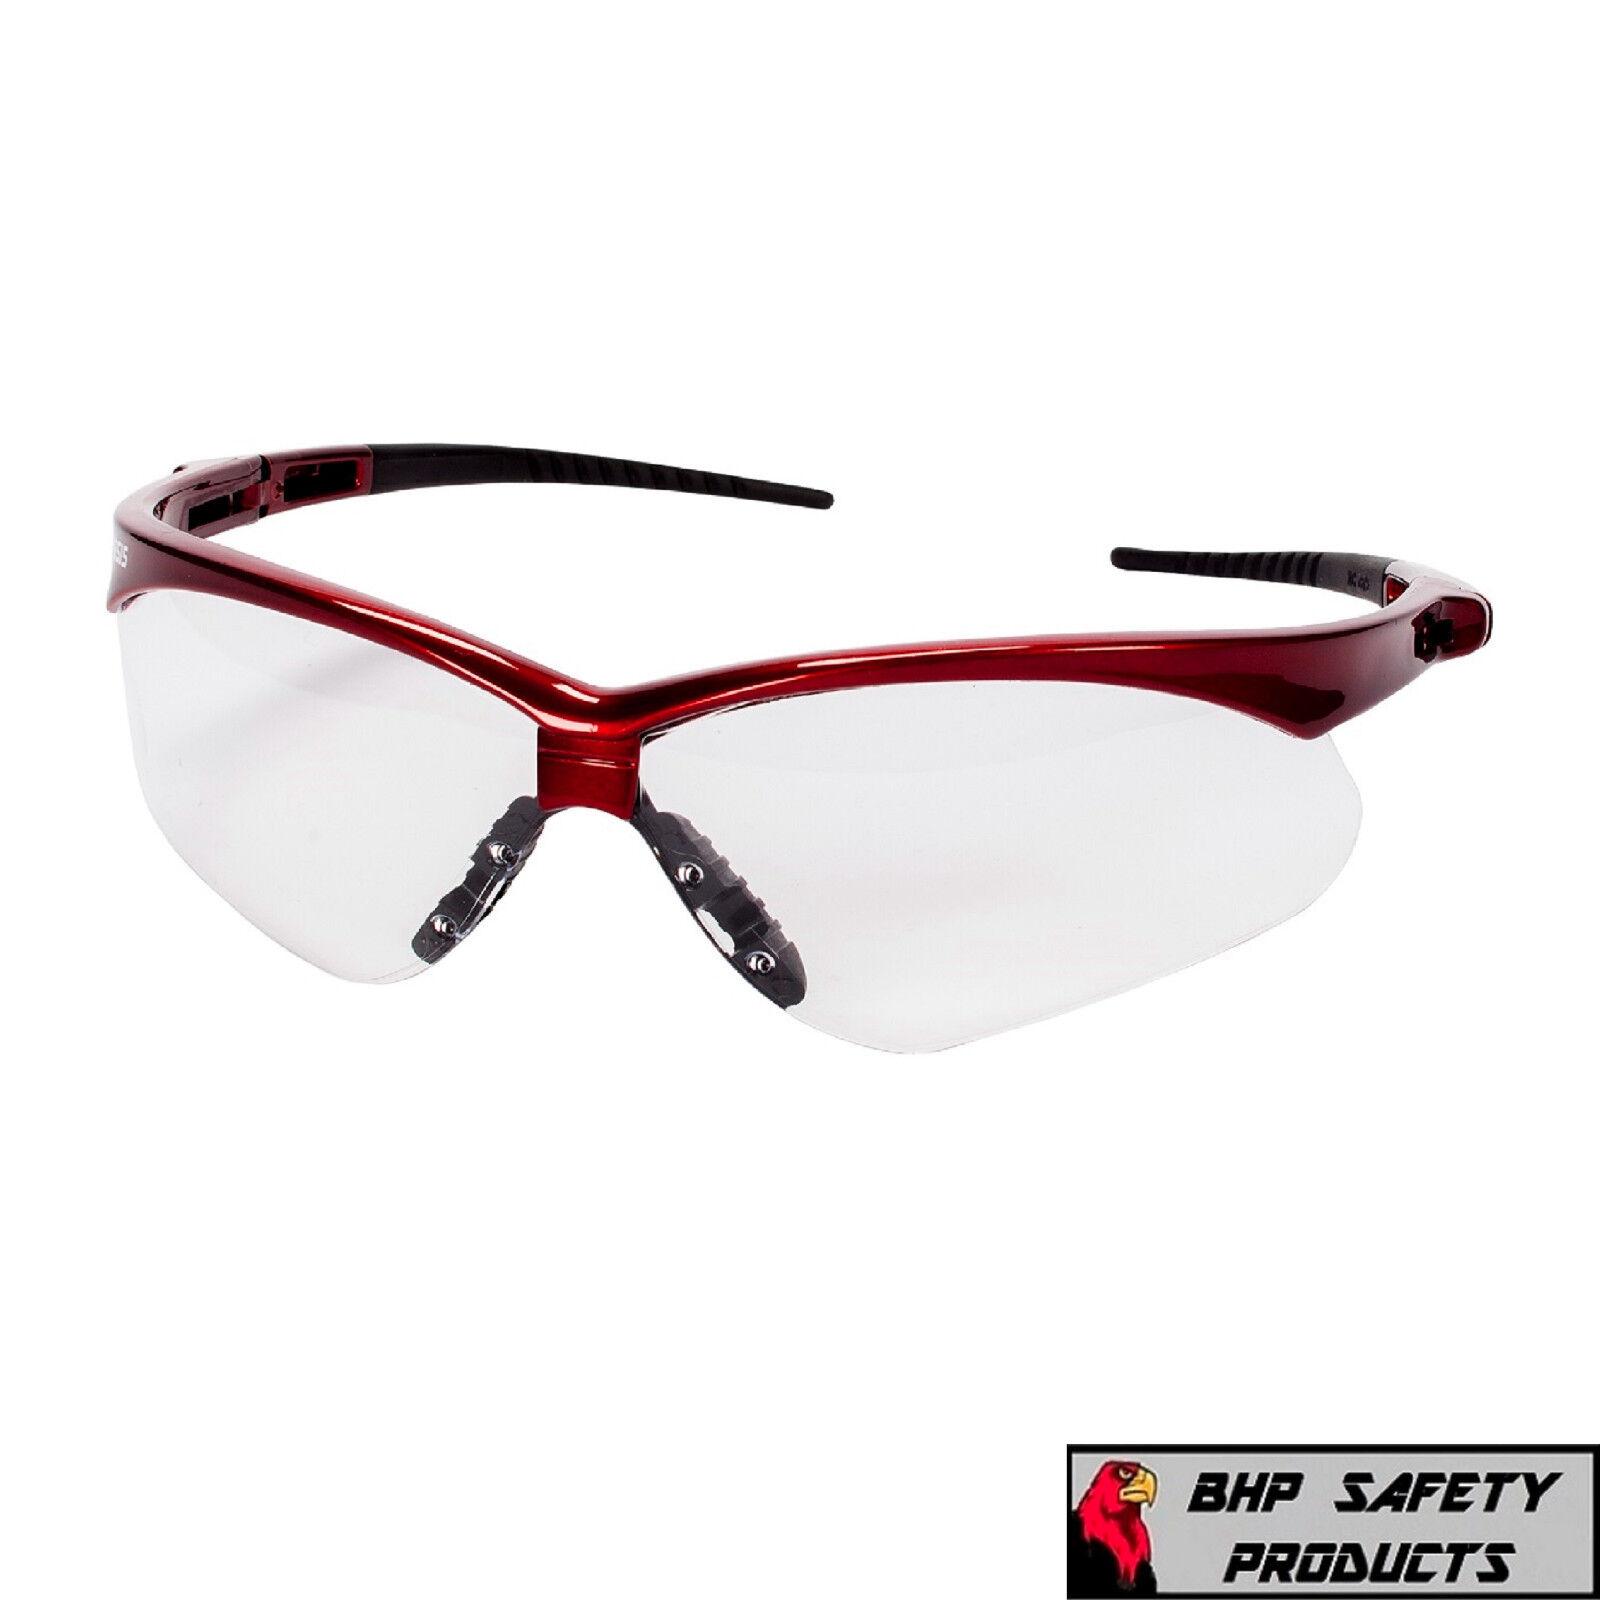 JACKSON NEMESIS SAFETY GLASSES SUNGLASSES SPORT WORK EYEWEAR - VARIETY PACKS 47378- Red Frame/Clear AF Lens